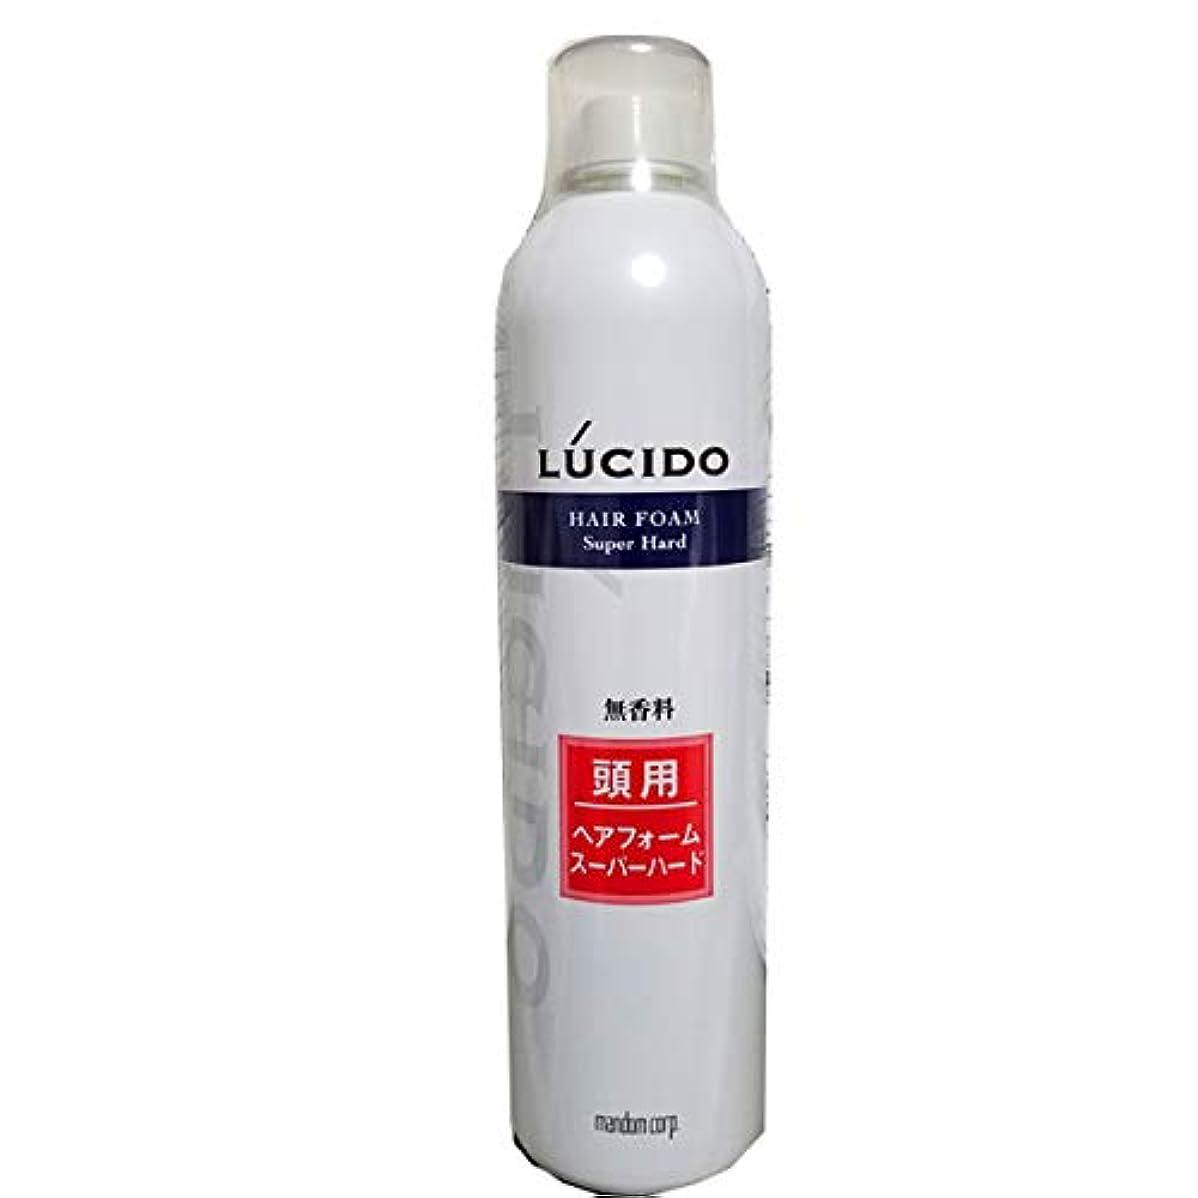 ルシード ヘアフォーム スーパーハードO 400g 業務用 40才からの髪に。 マンダム